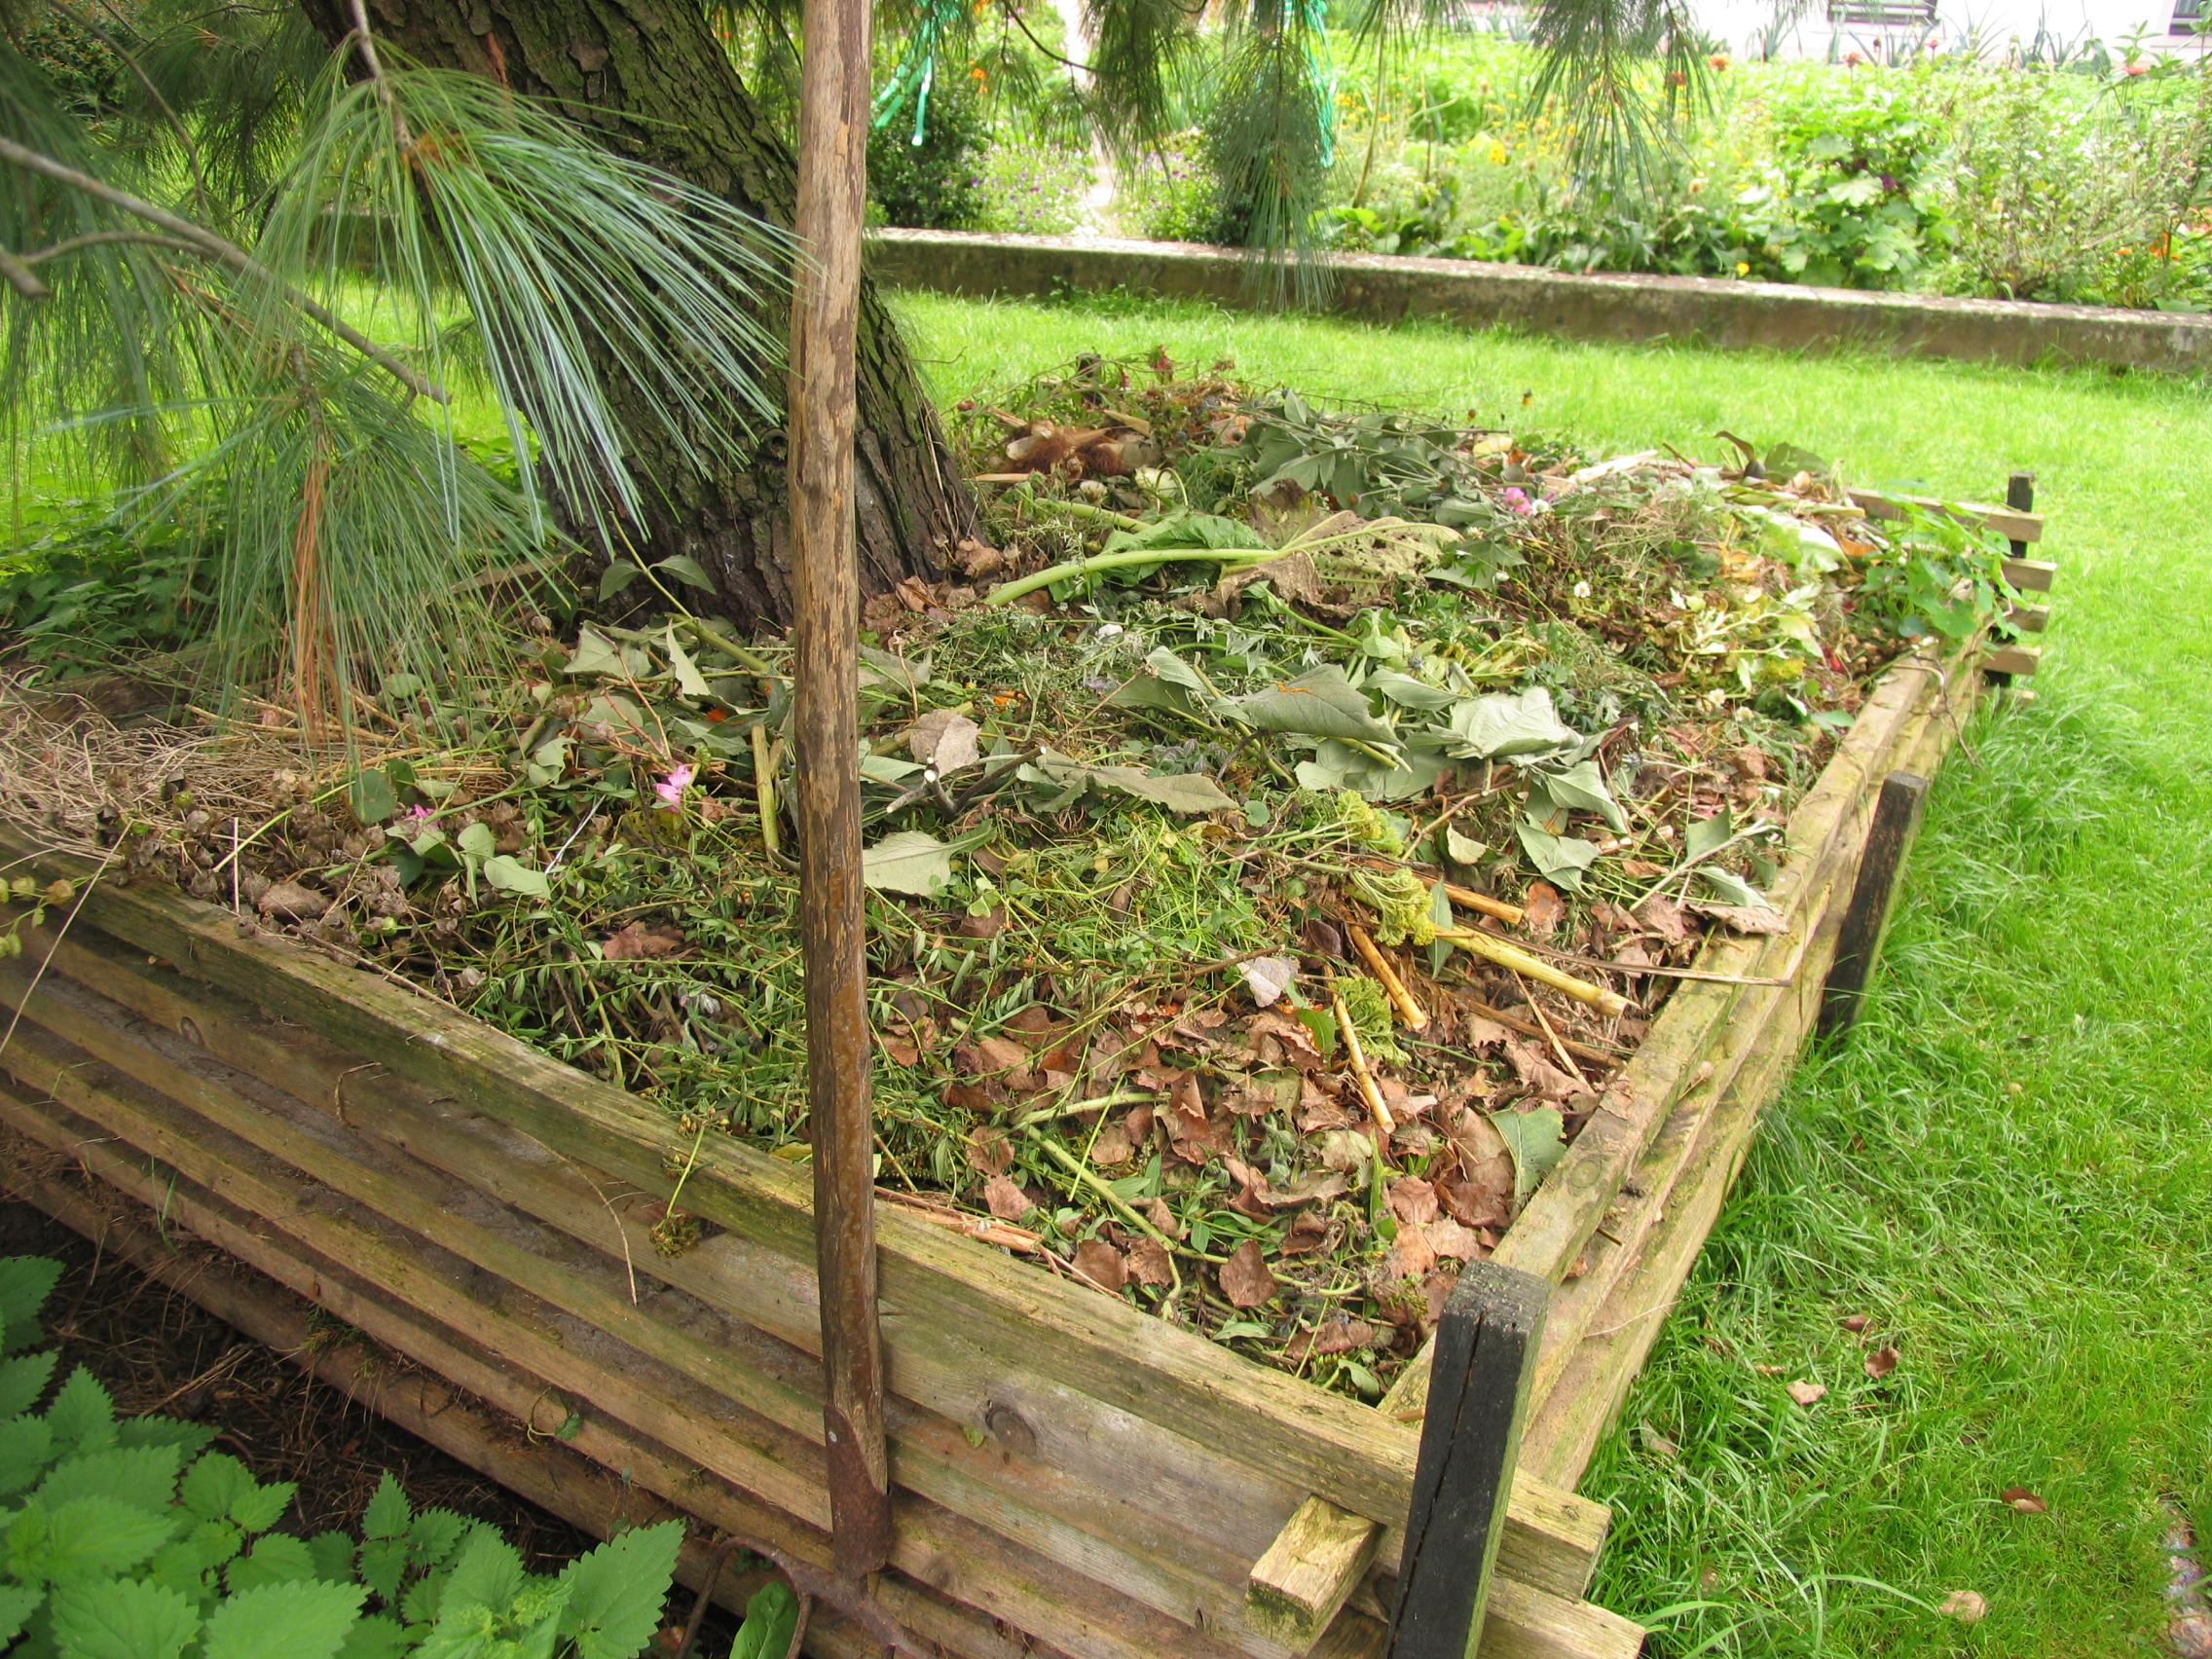 Organska gnojila: Najboljša sta kompost in gnoj  deloindom.si